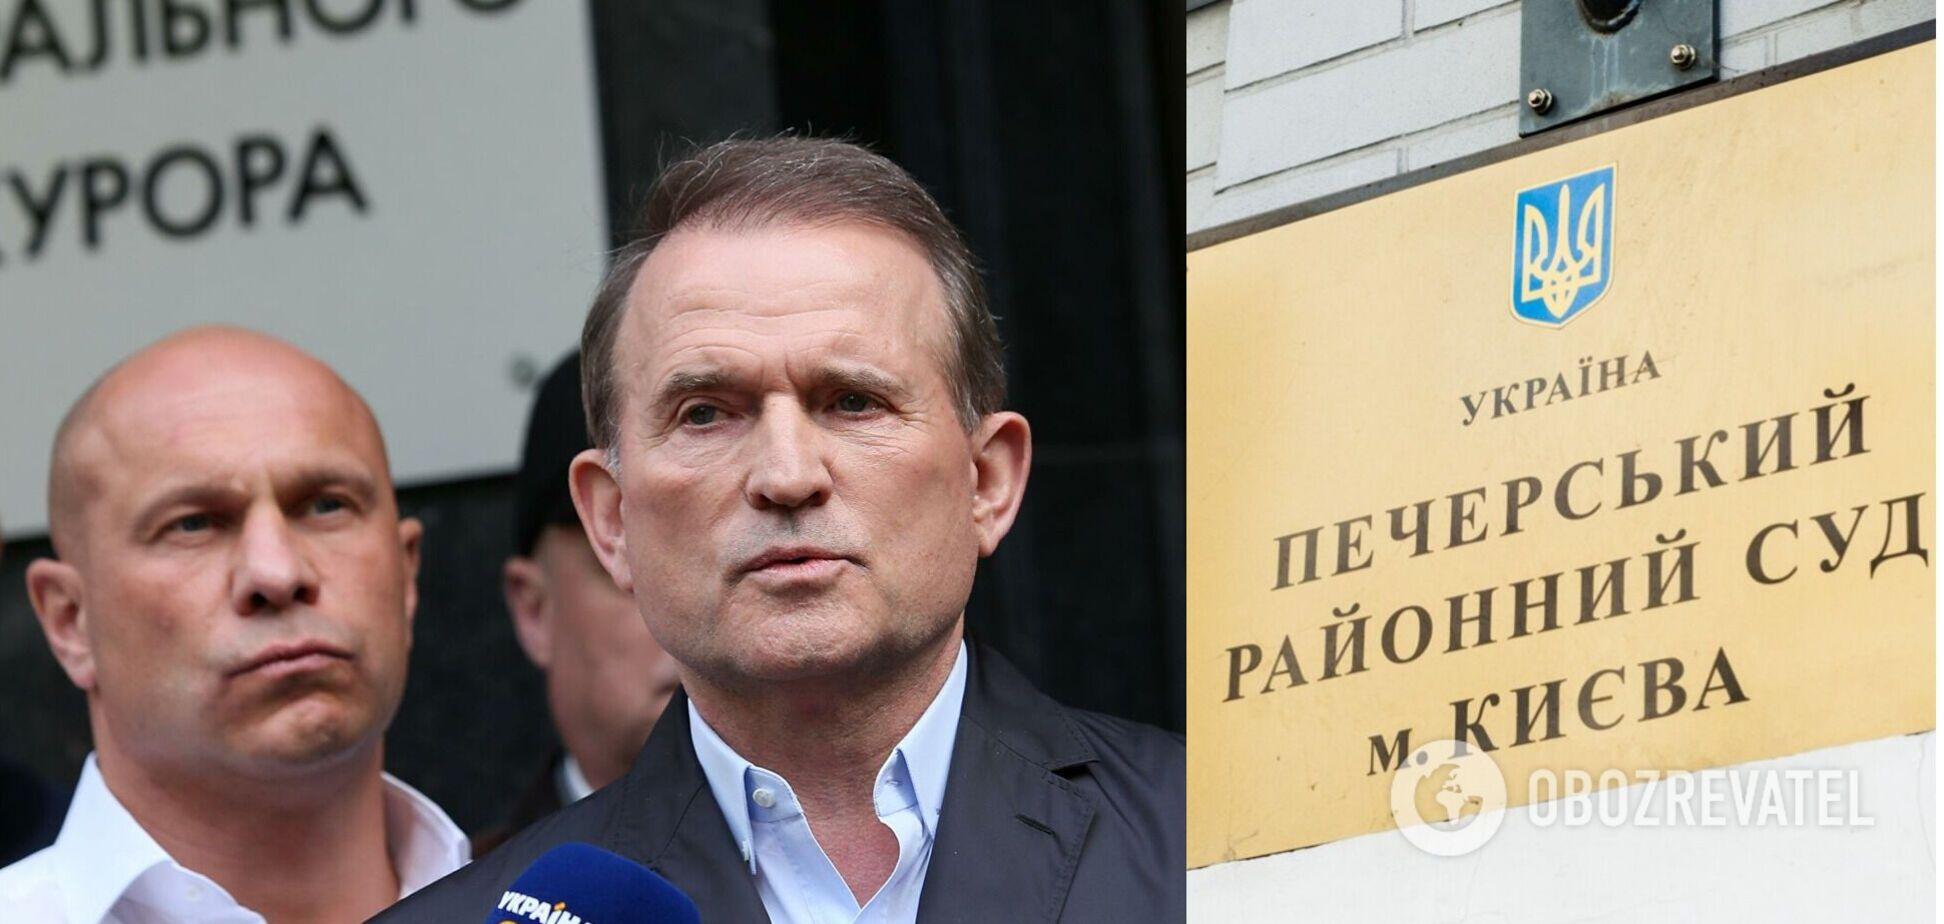 Нардепы от ОПЗЖ захотели взять Медведчука на поруки и заплатить залог